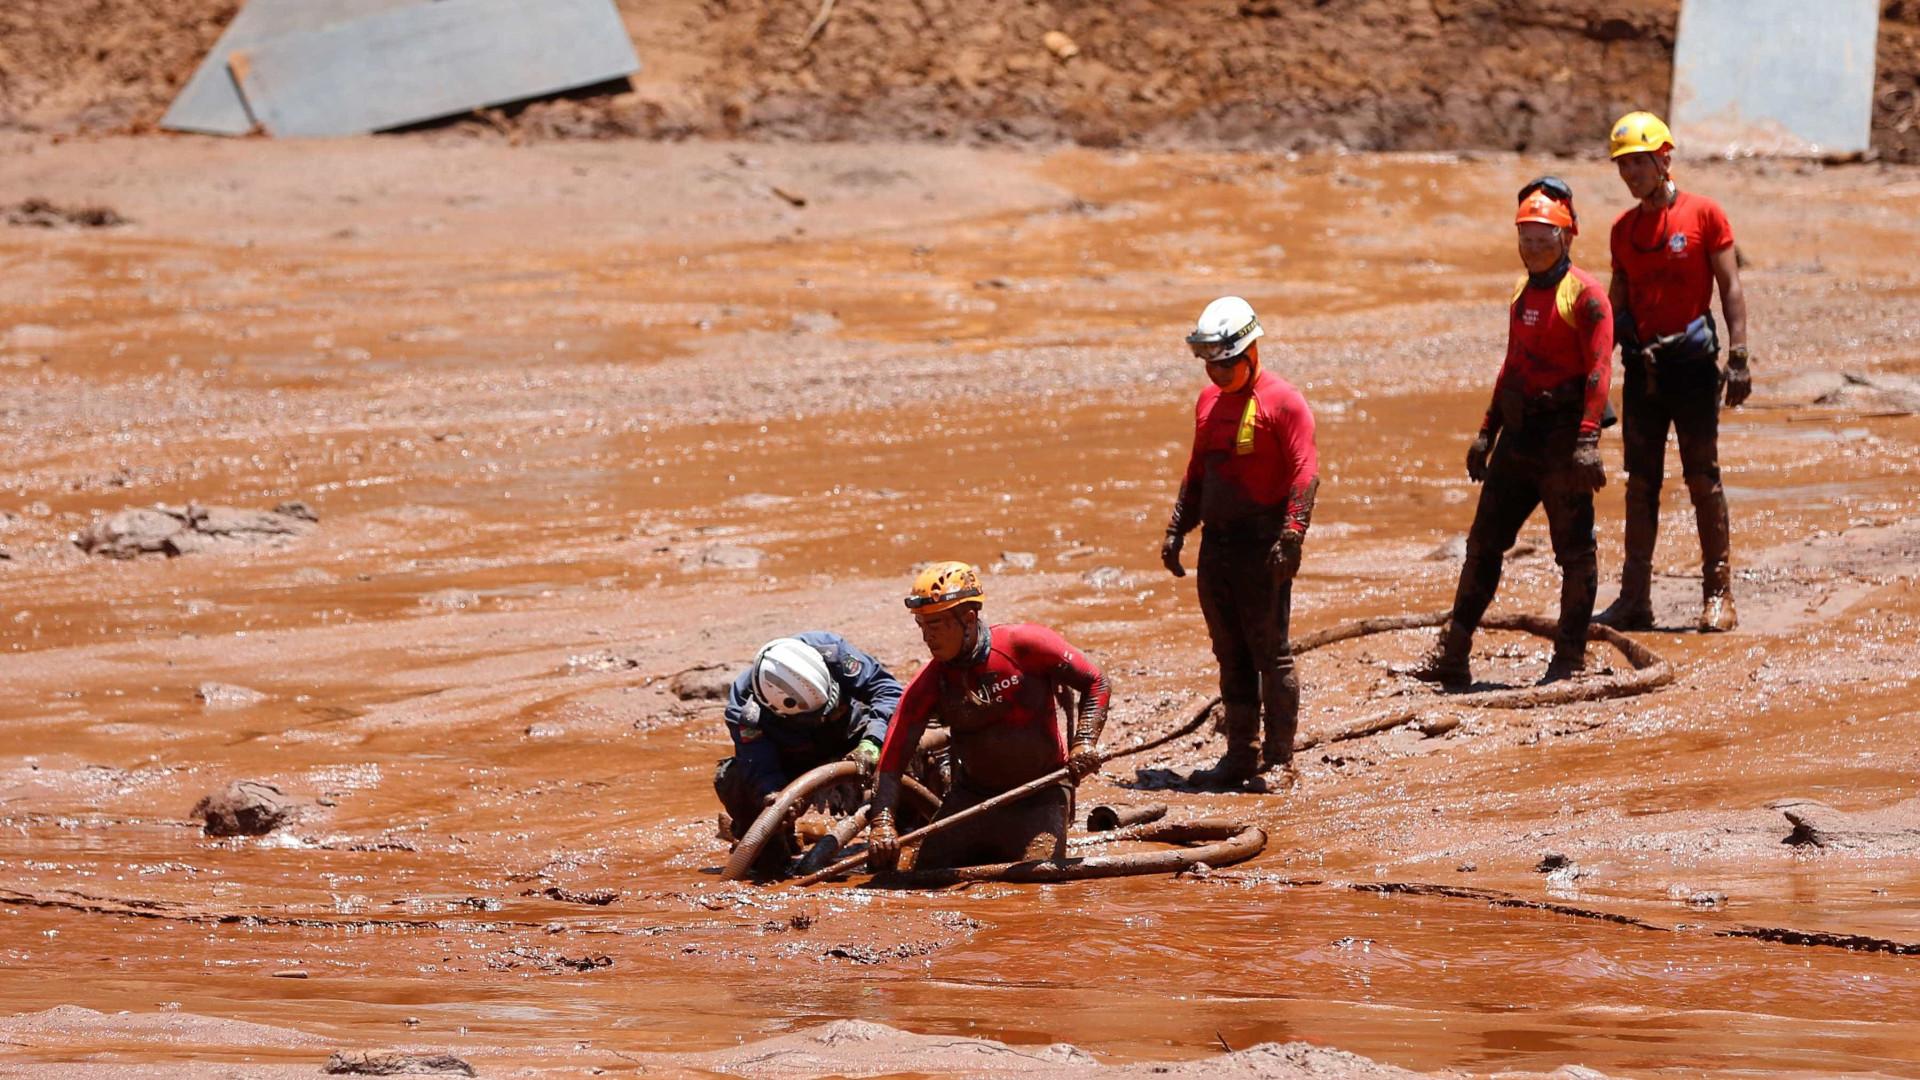 Vale sabia do risco na barragem de Brumadinho, aponta MP